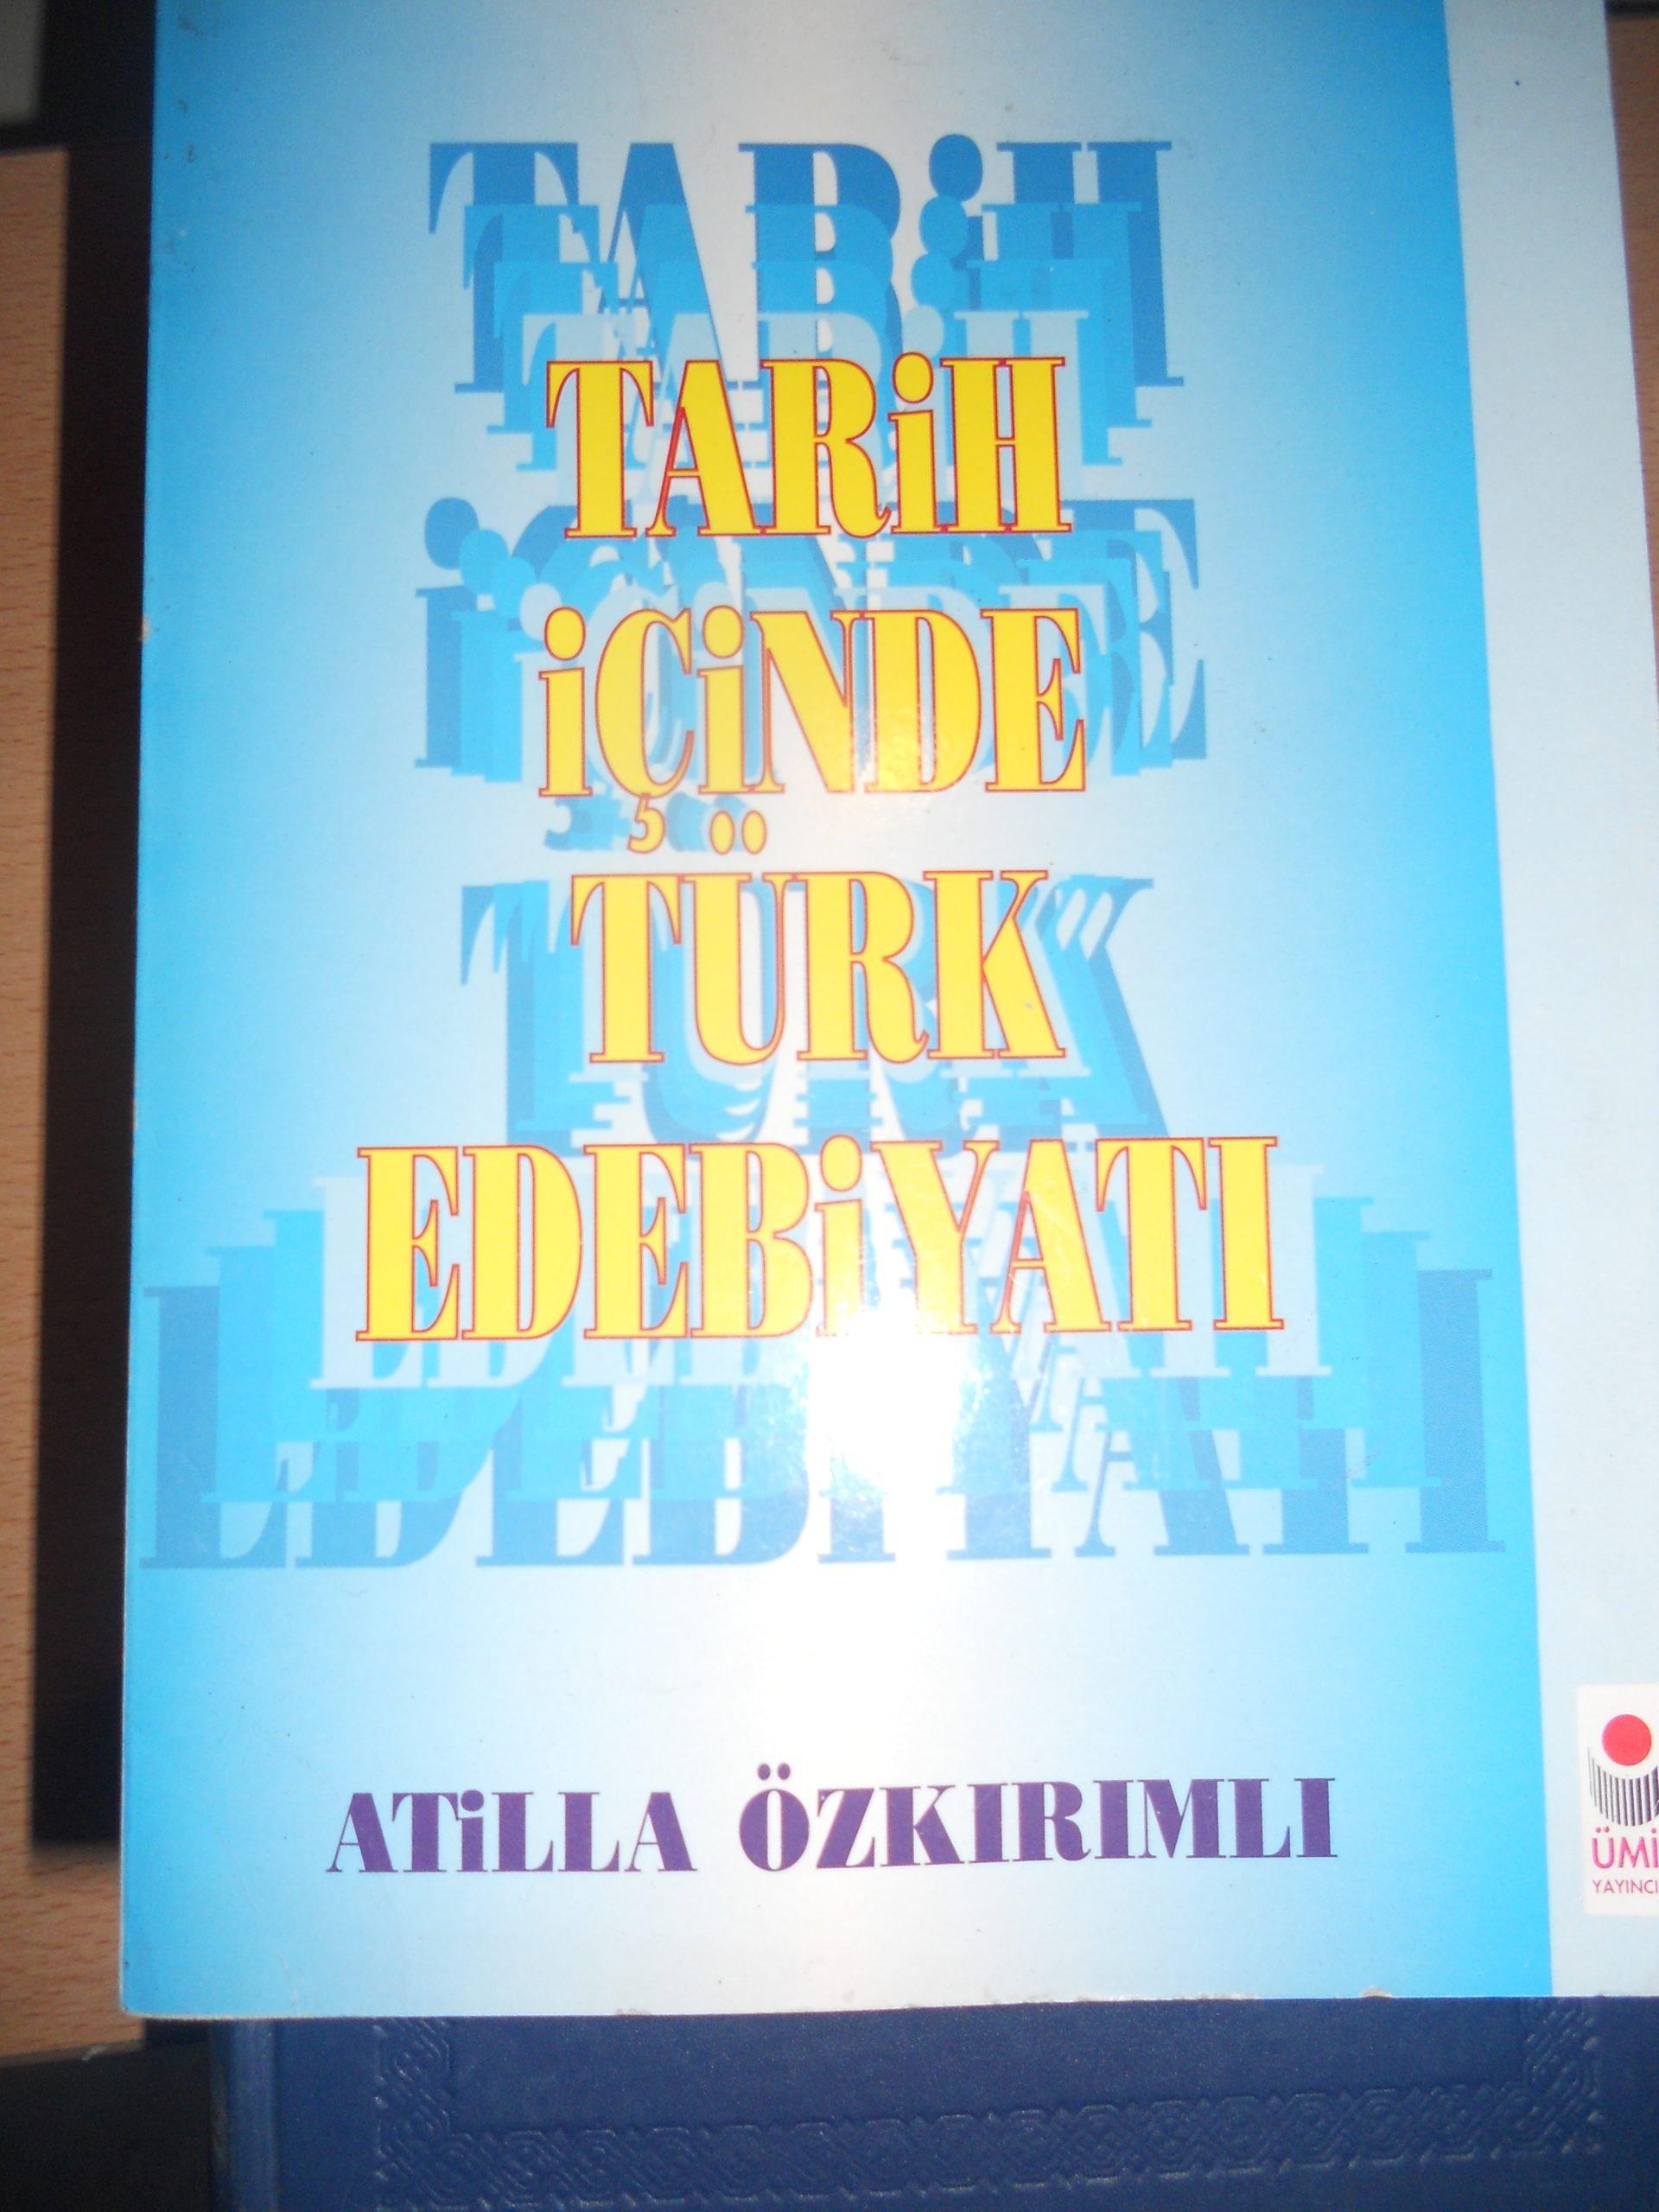 TARİH İÇİNDE TÜRK EDEBİYATI/Atilla Özkırımlı/ 15 TL